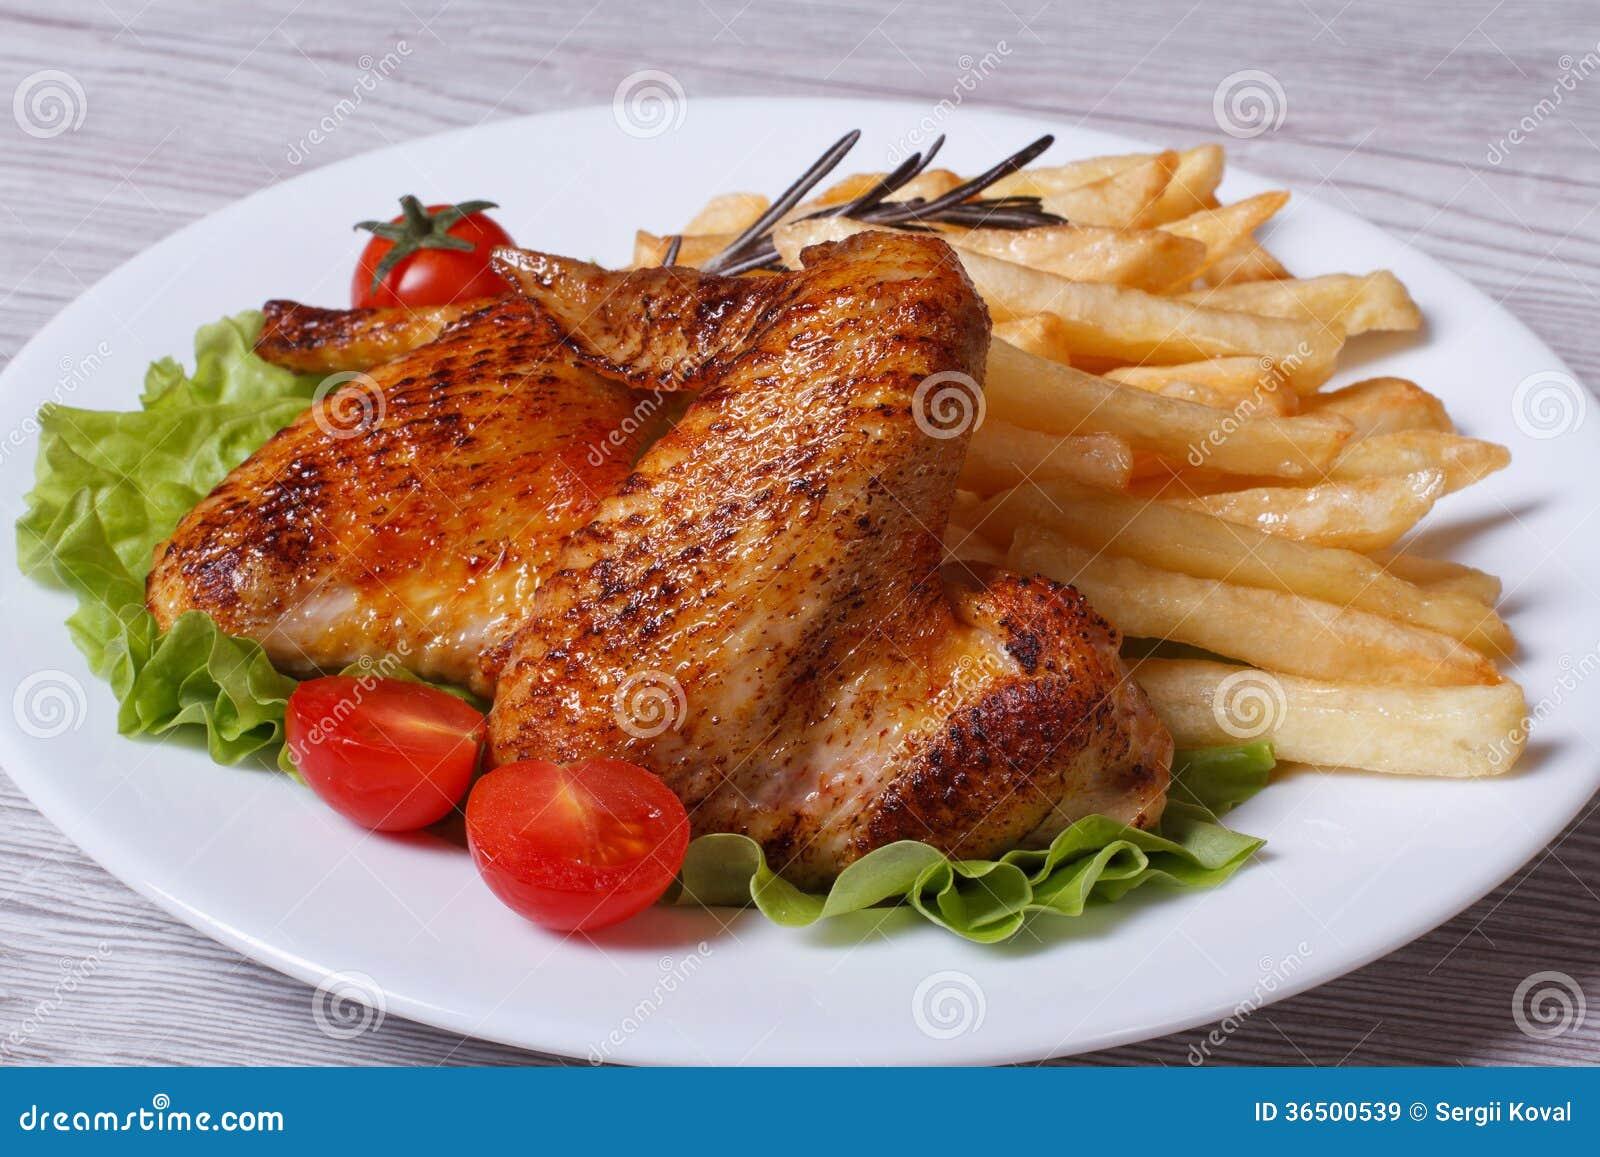 Deux ailes de poulet frit avec une croûte croustillante et des fritures